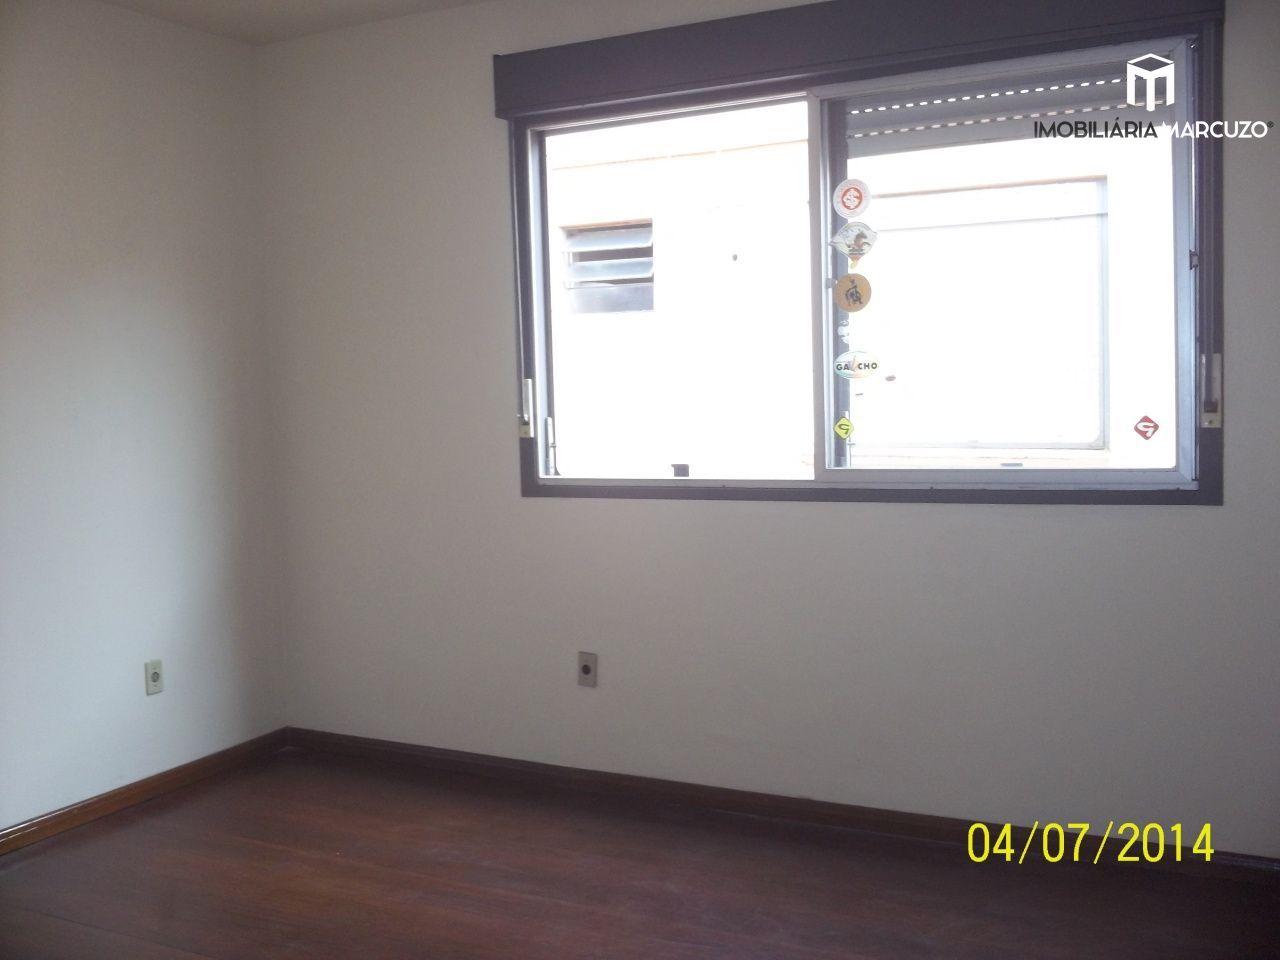 Apartamento com 2 Dormitórios à venda, 67 m² por R$ 270.000,00